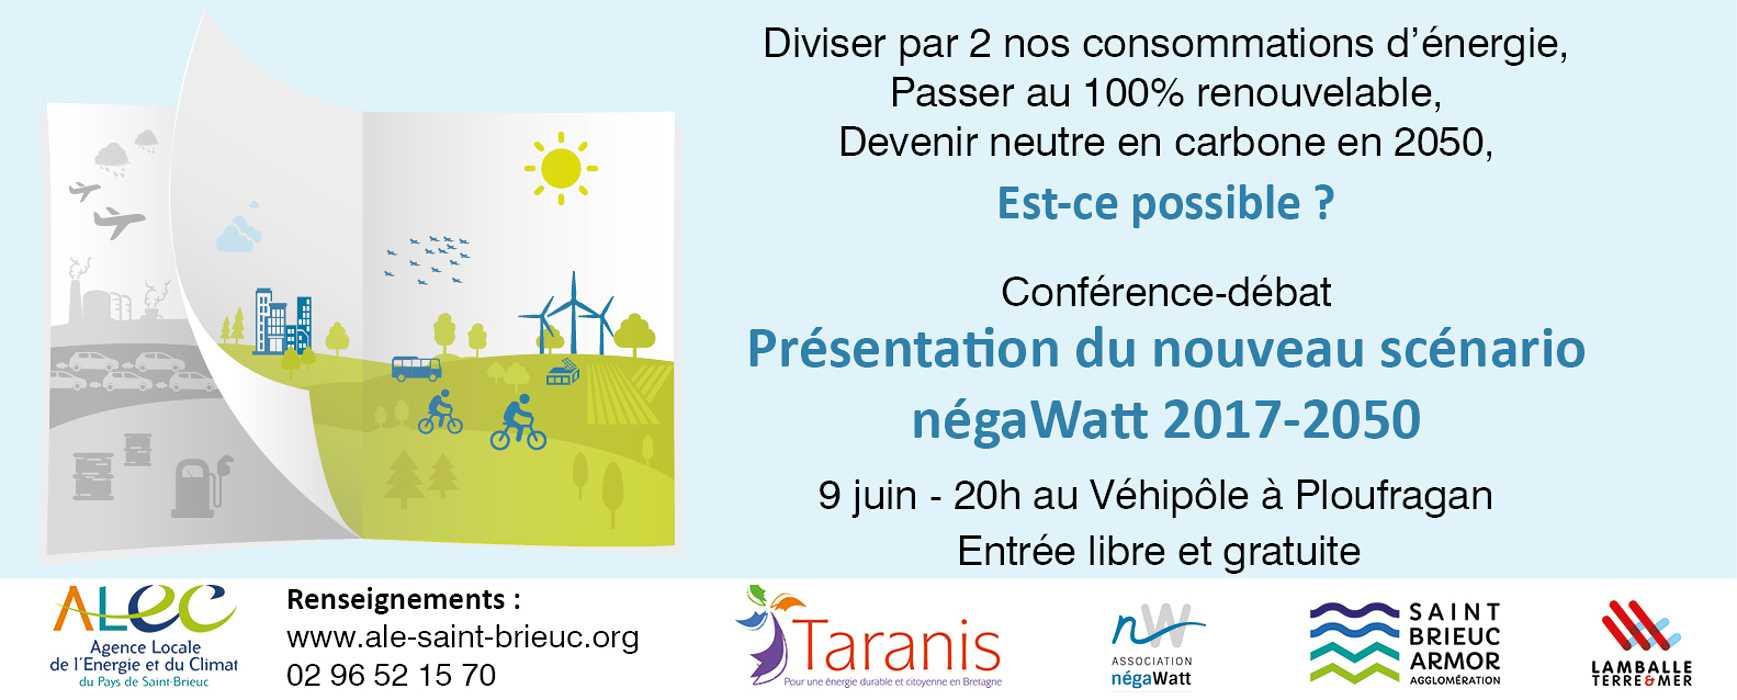 Vendredi 9 juin - conférence débat présentation du nouveau scénario négaWatt 2017-2050 0